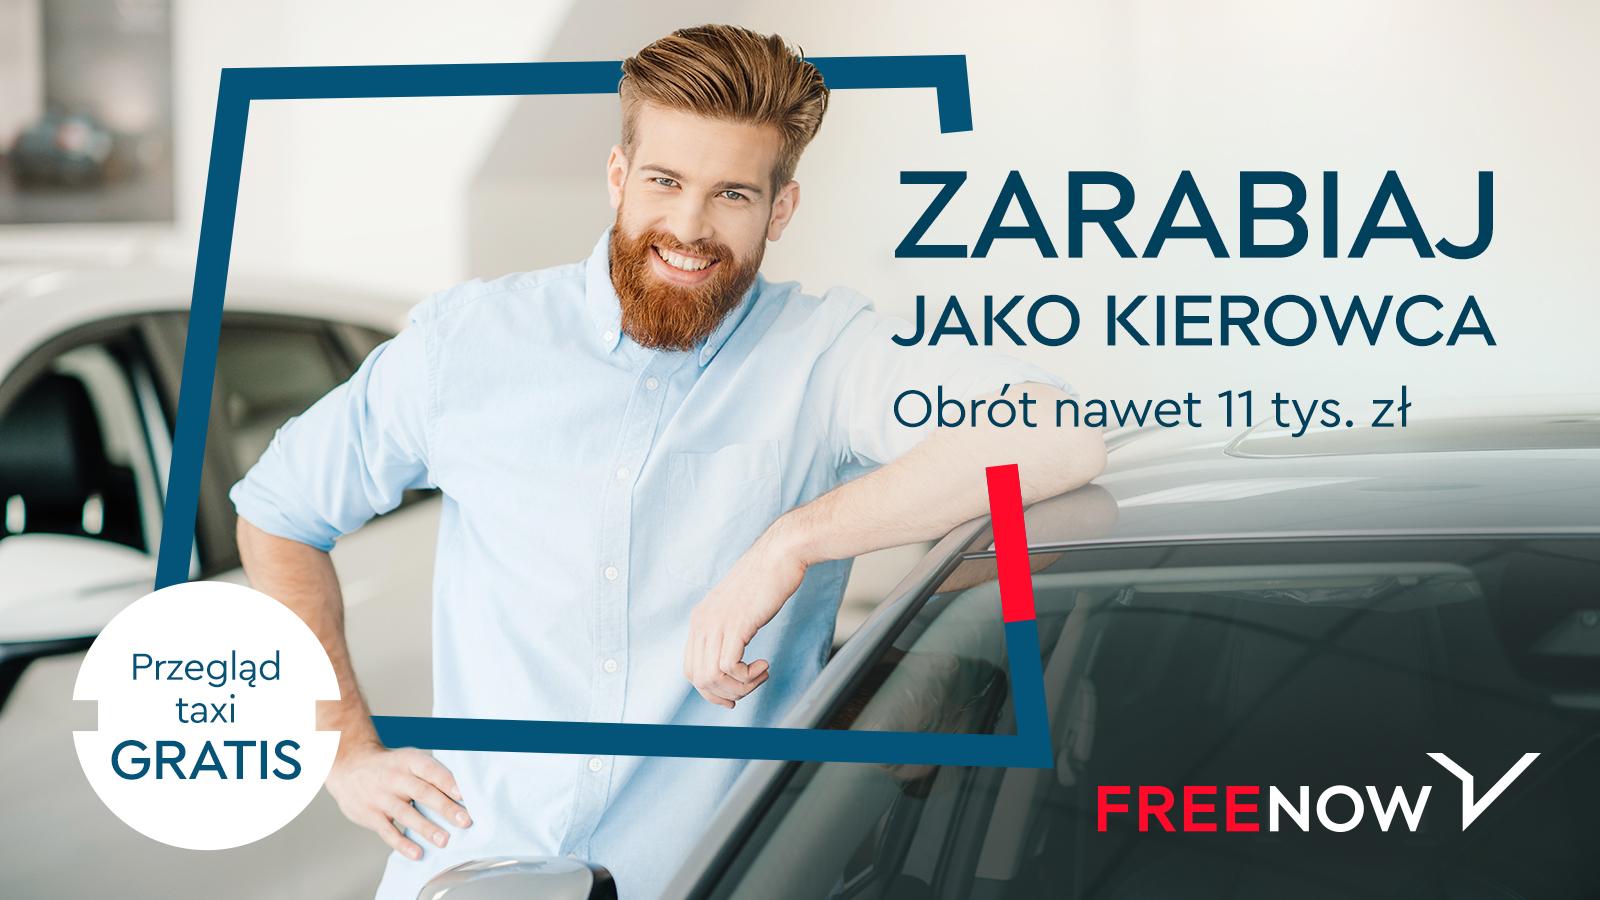 free now zarabiaj jako kierowca taxi